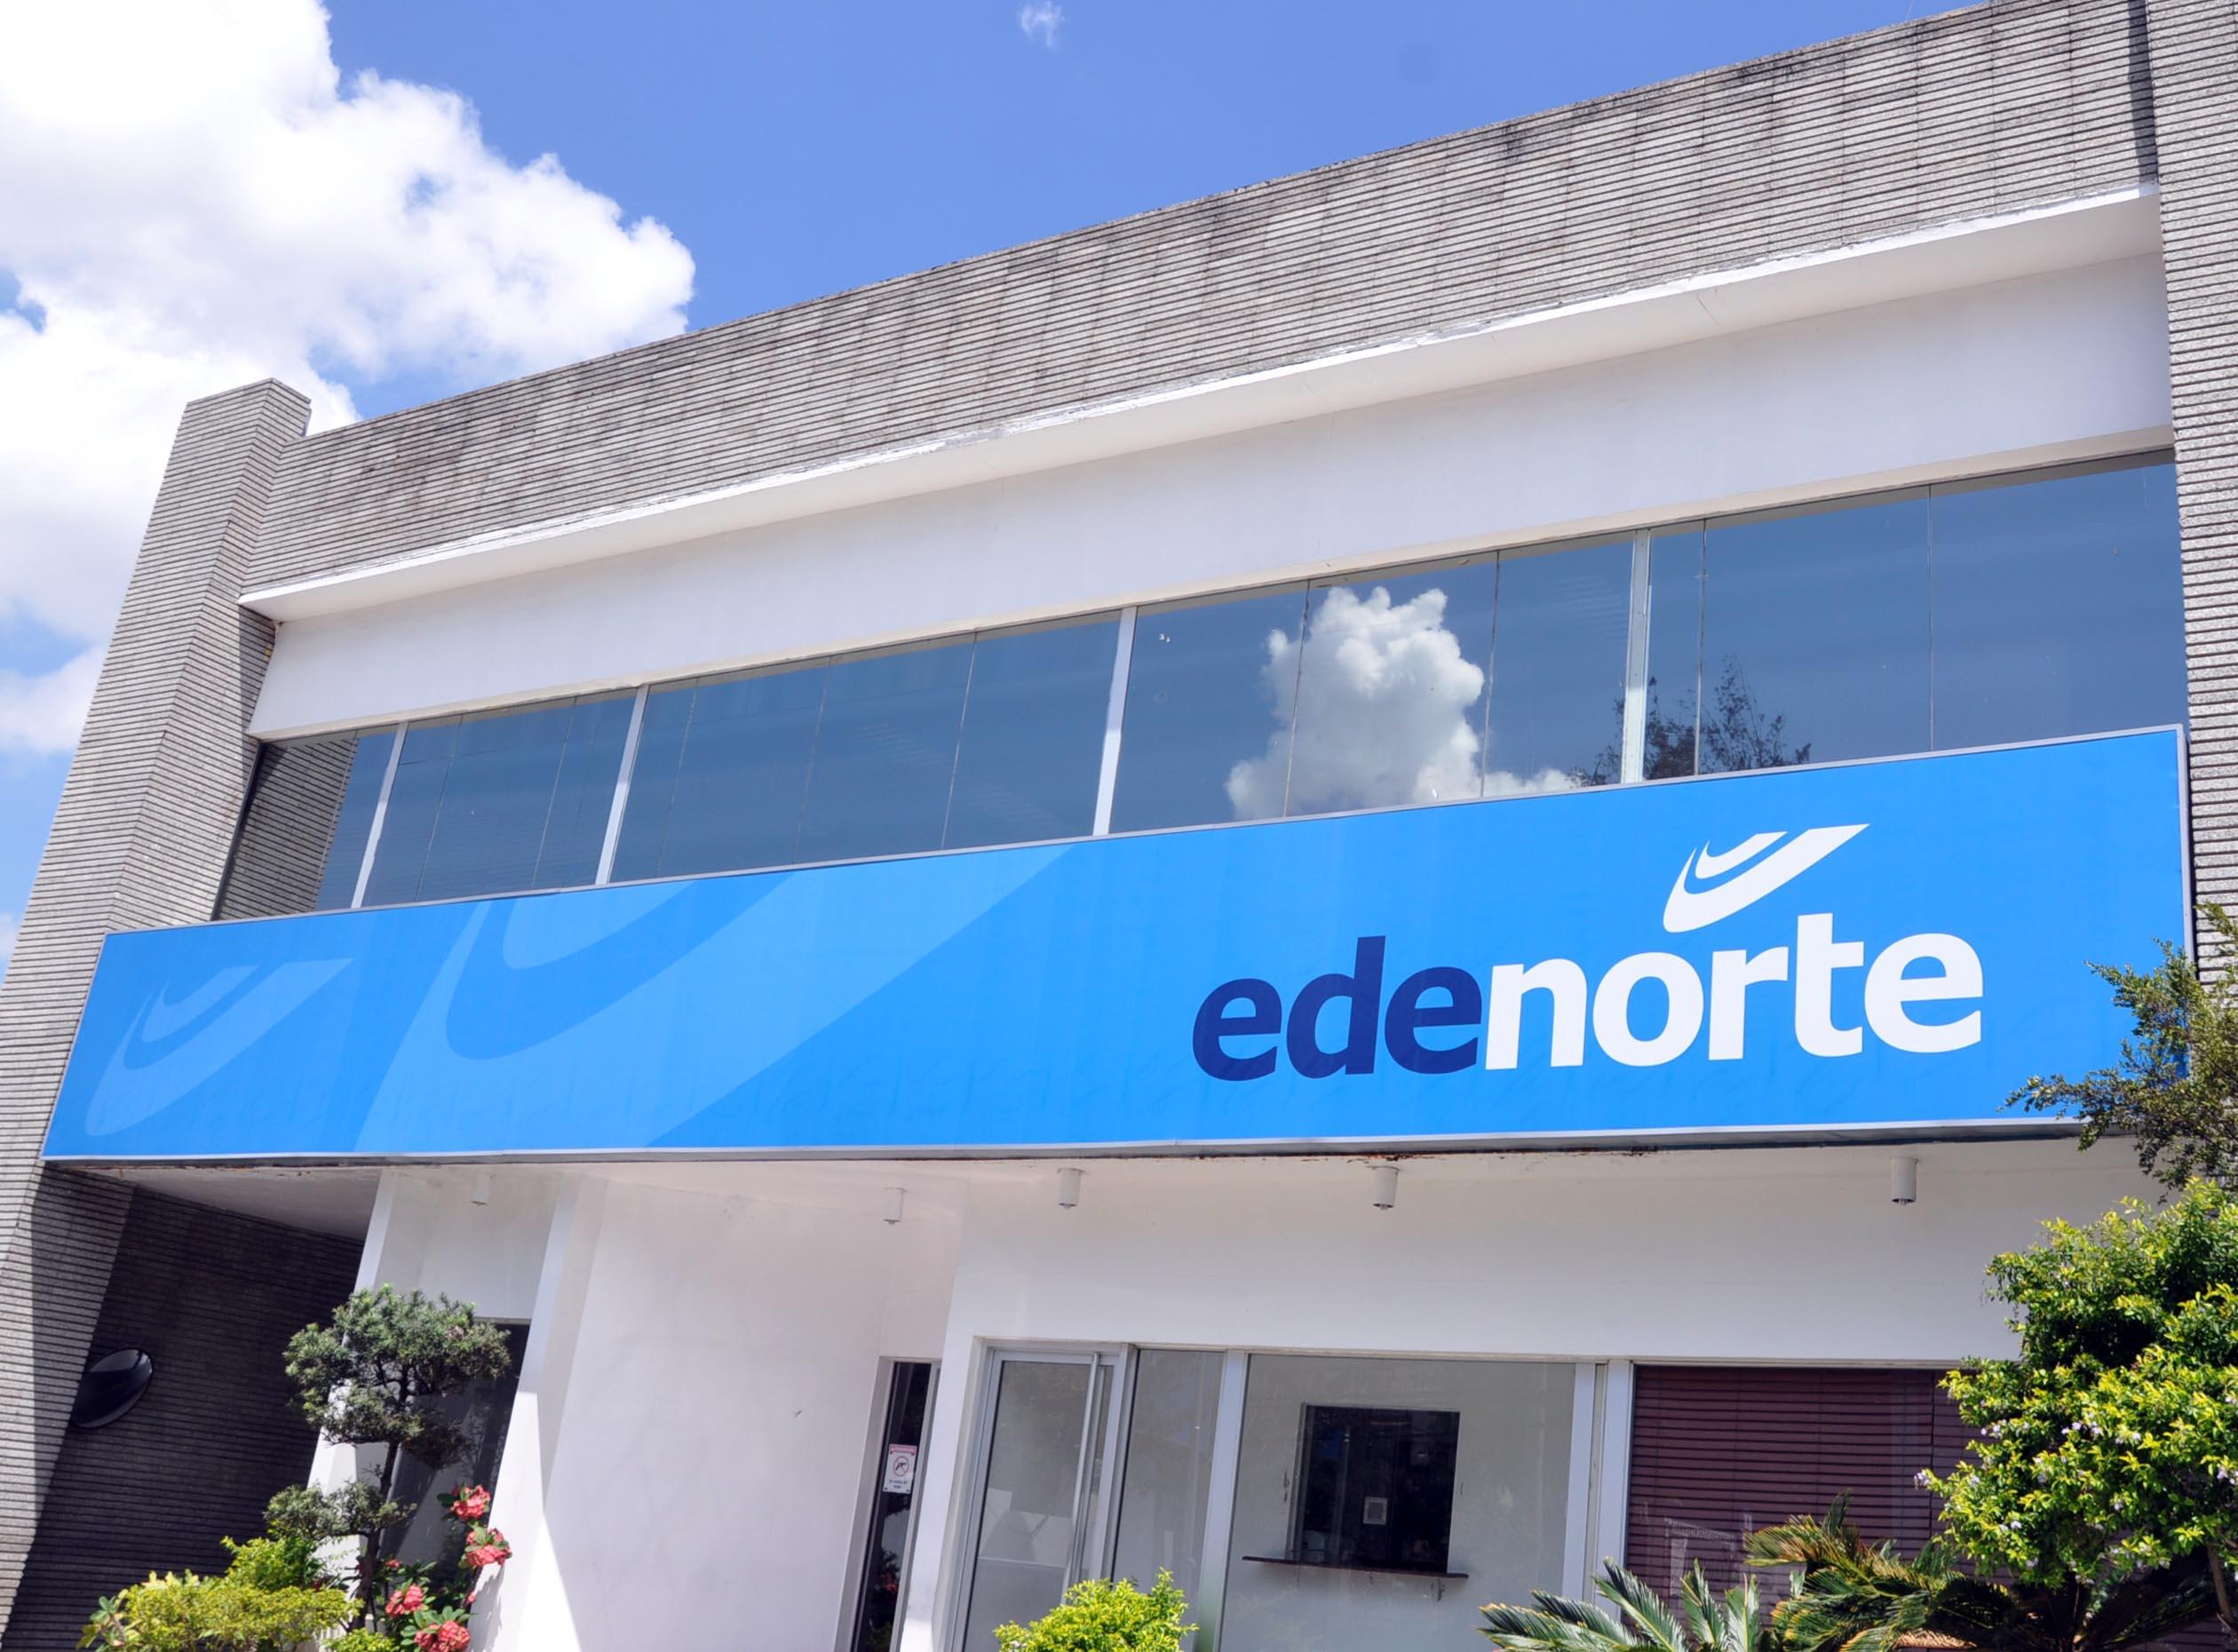 EDENORTE aclara limitó servicio eléctrico a empresa de Samaná por deuda millonaria acumulada